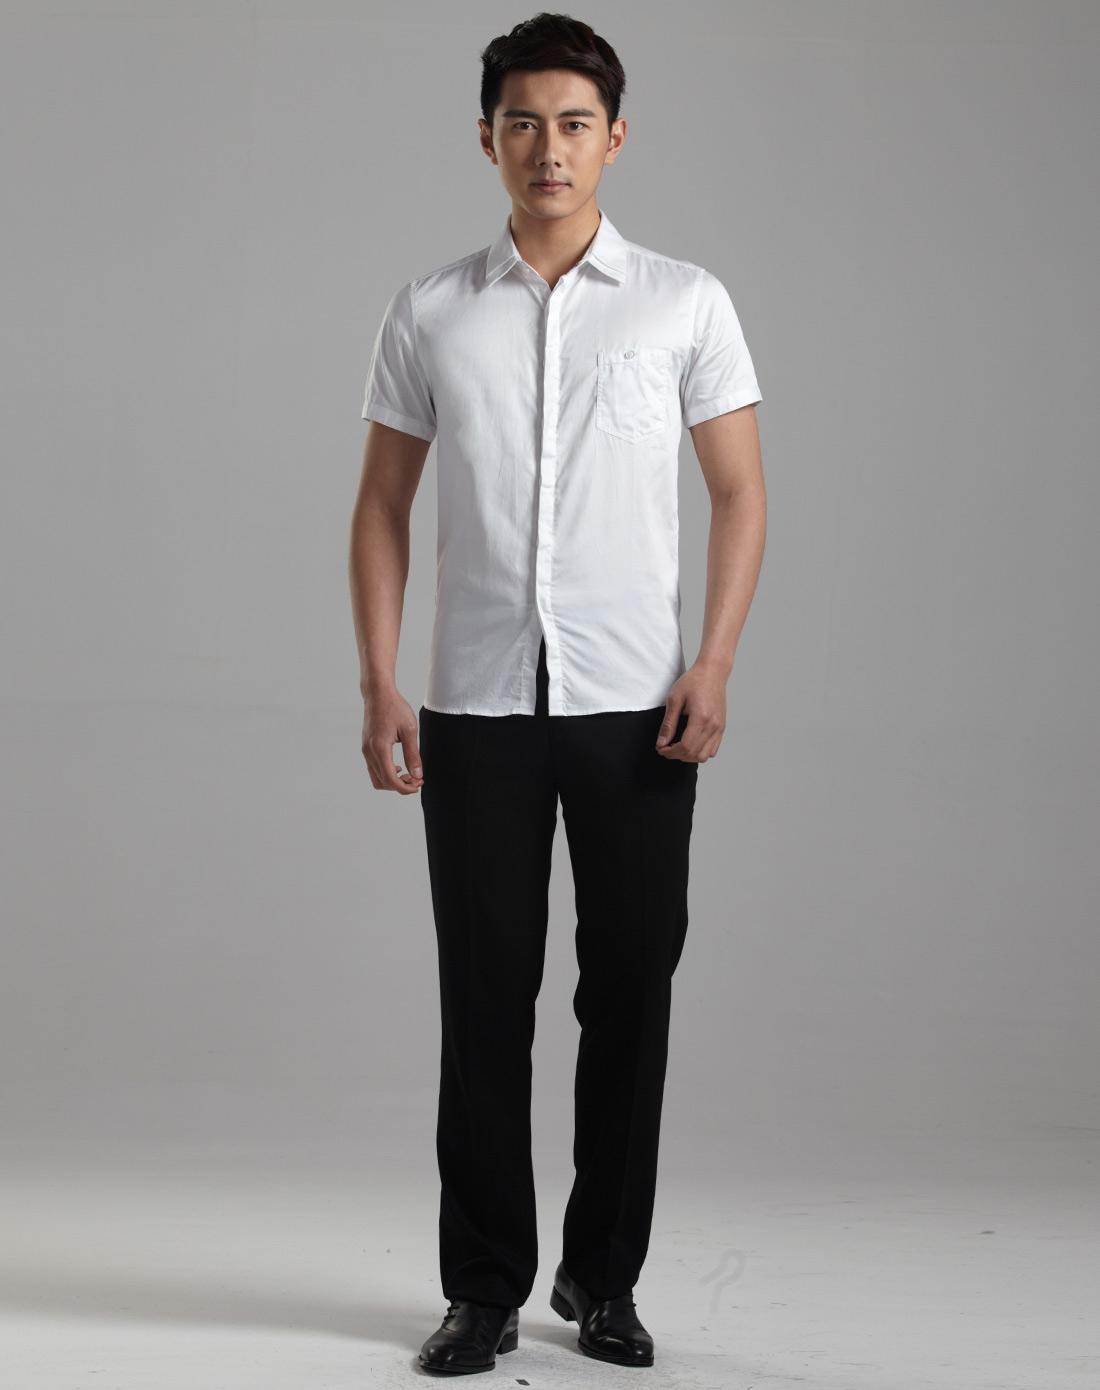 男士白色短袖衬衫